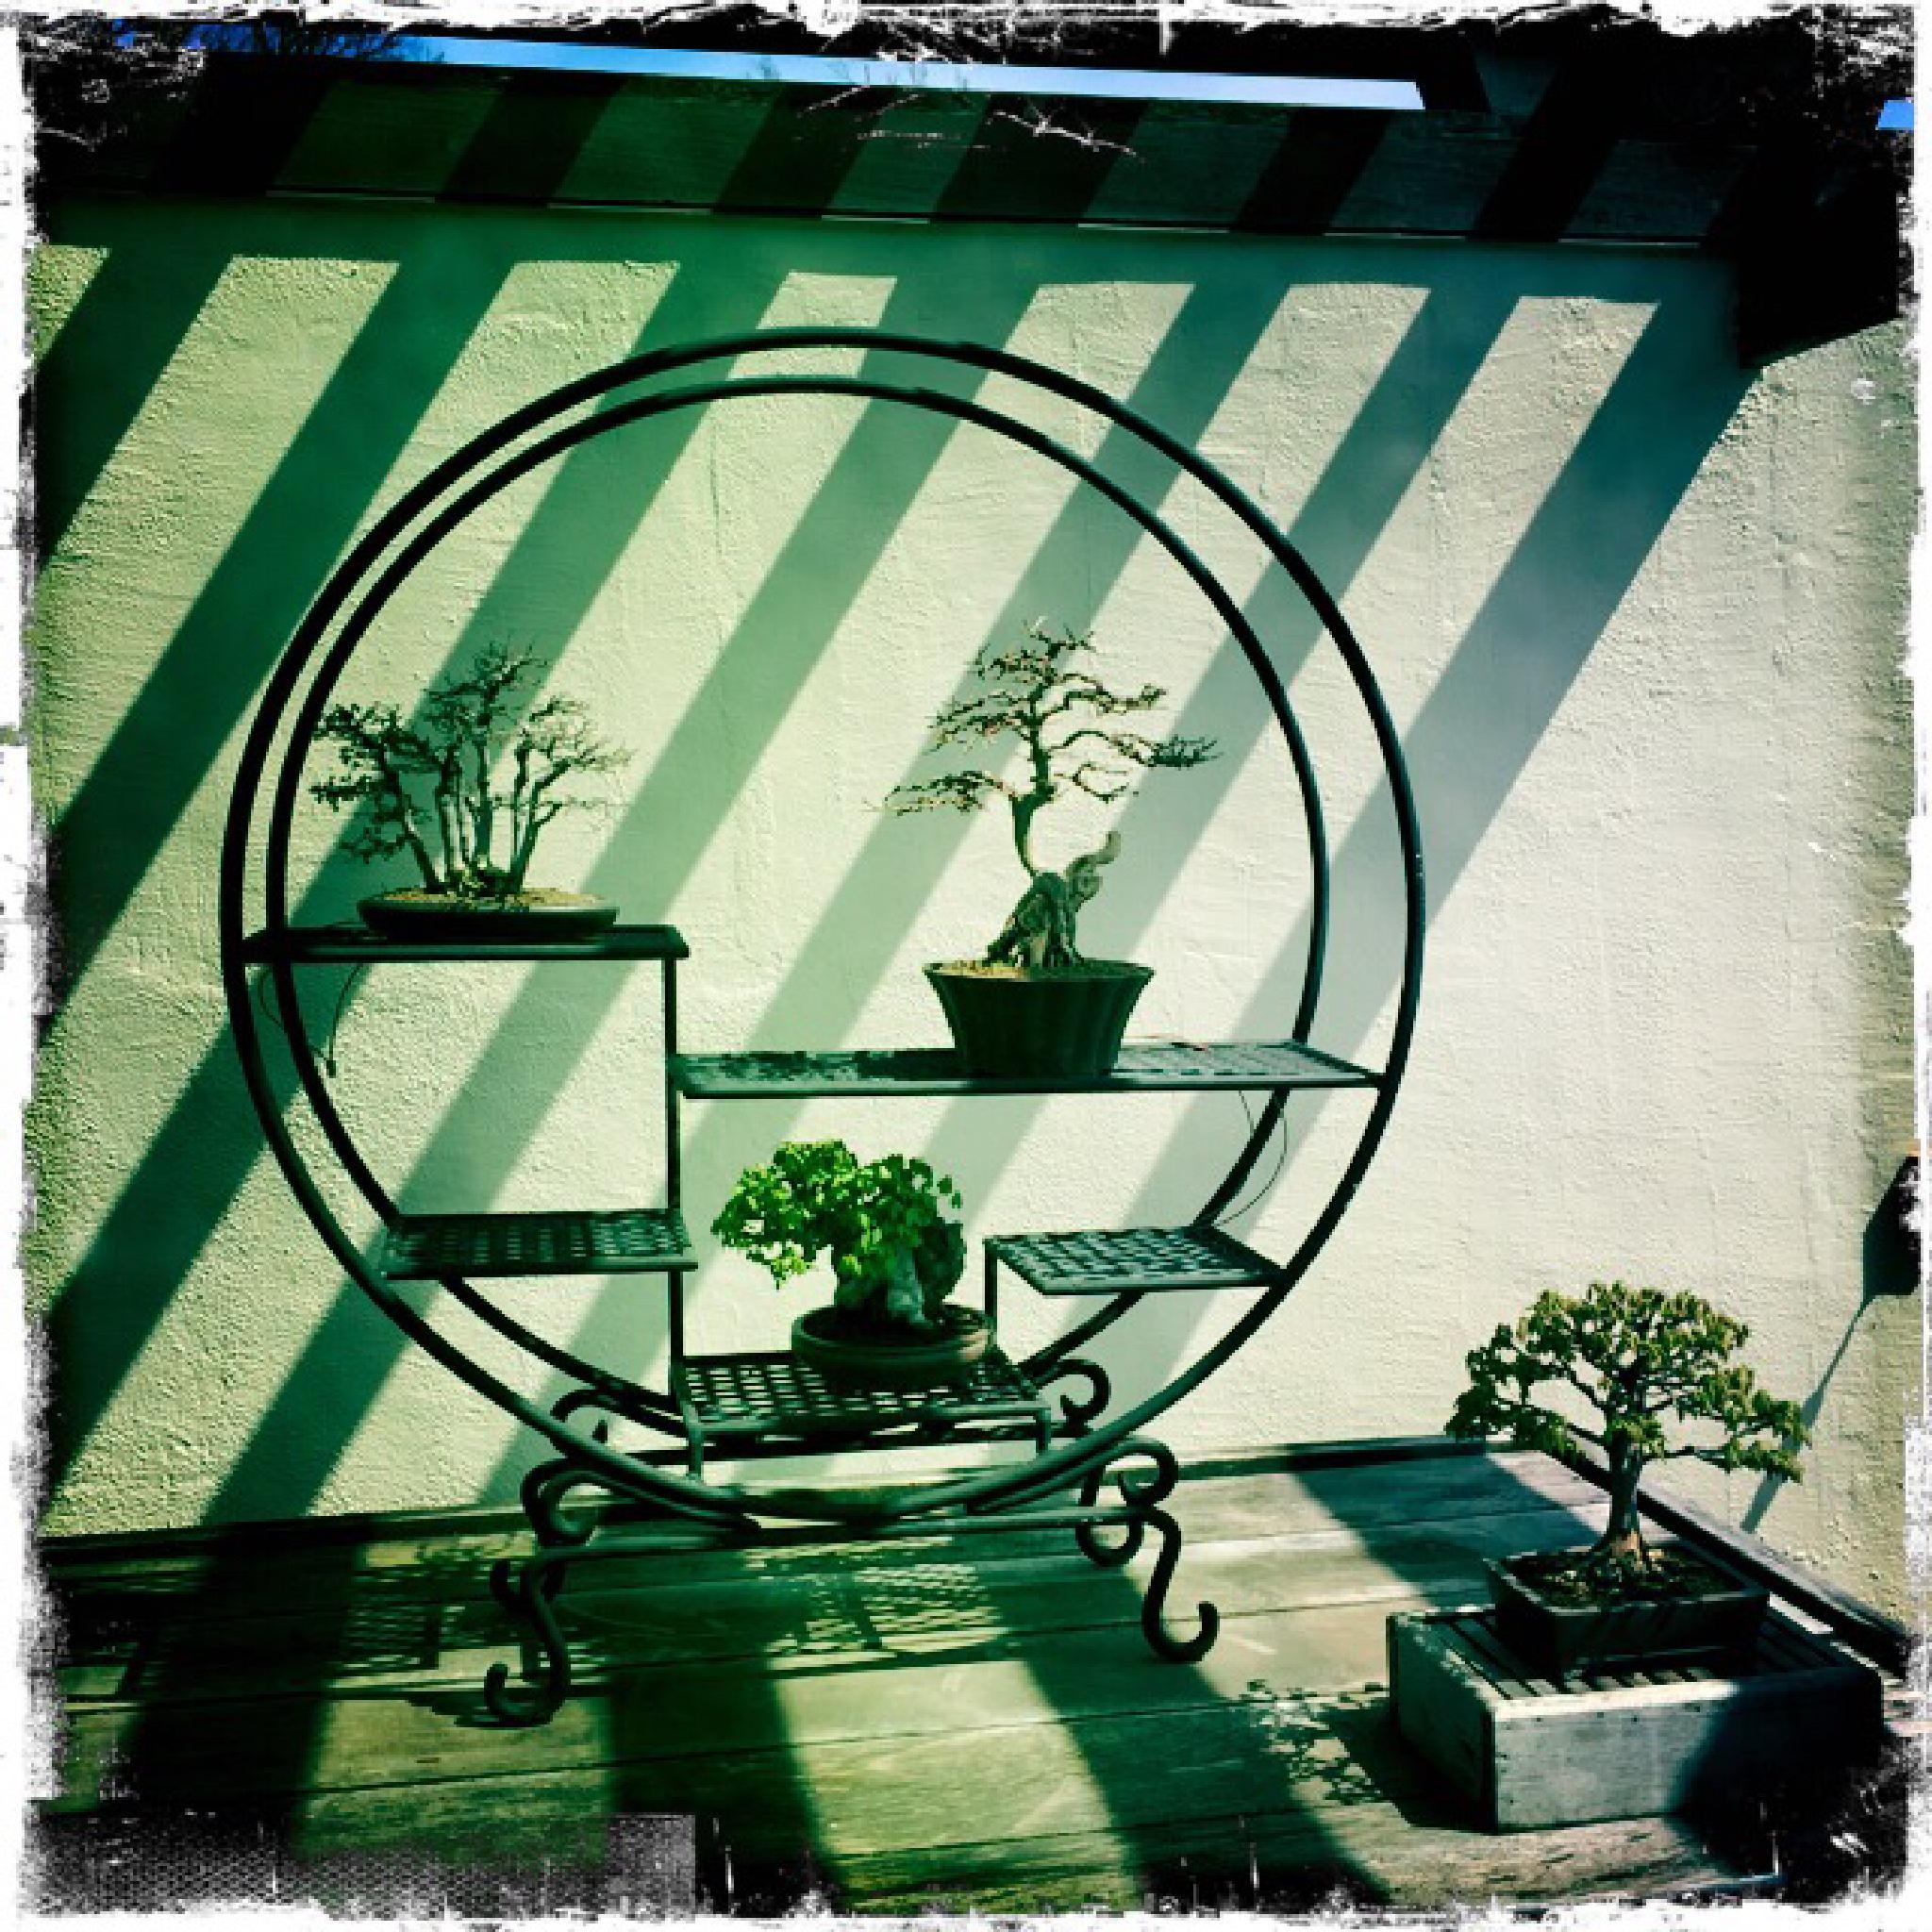 bonsai geometry by Copperrock